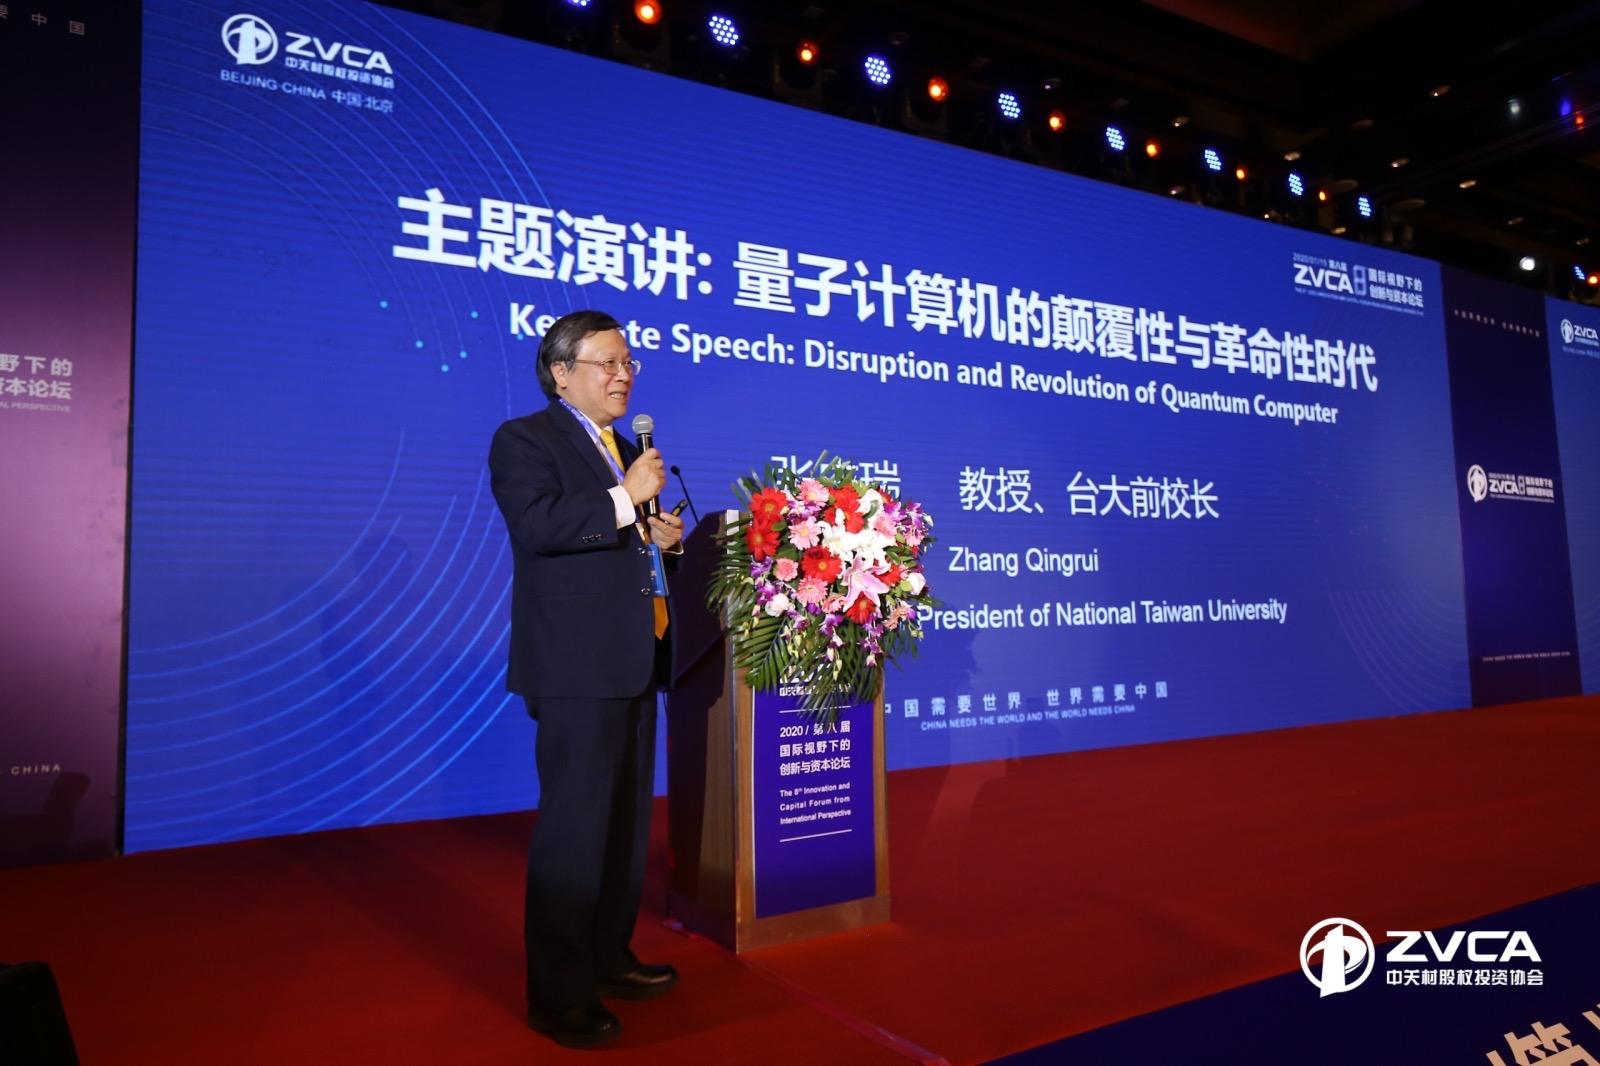 台大前校长张庆瑞:量子电脑在2019就像PC在1968